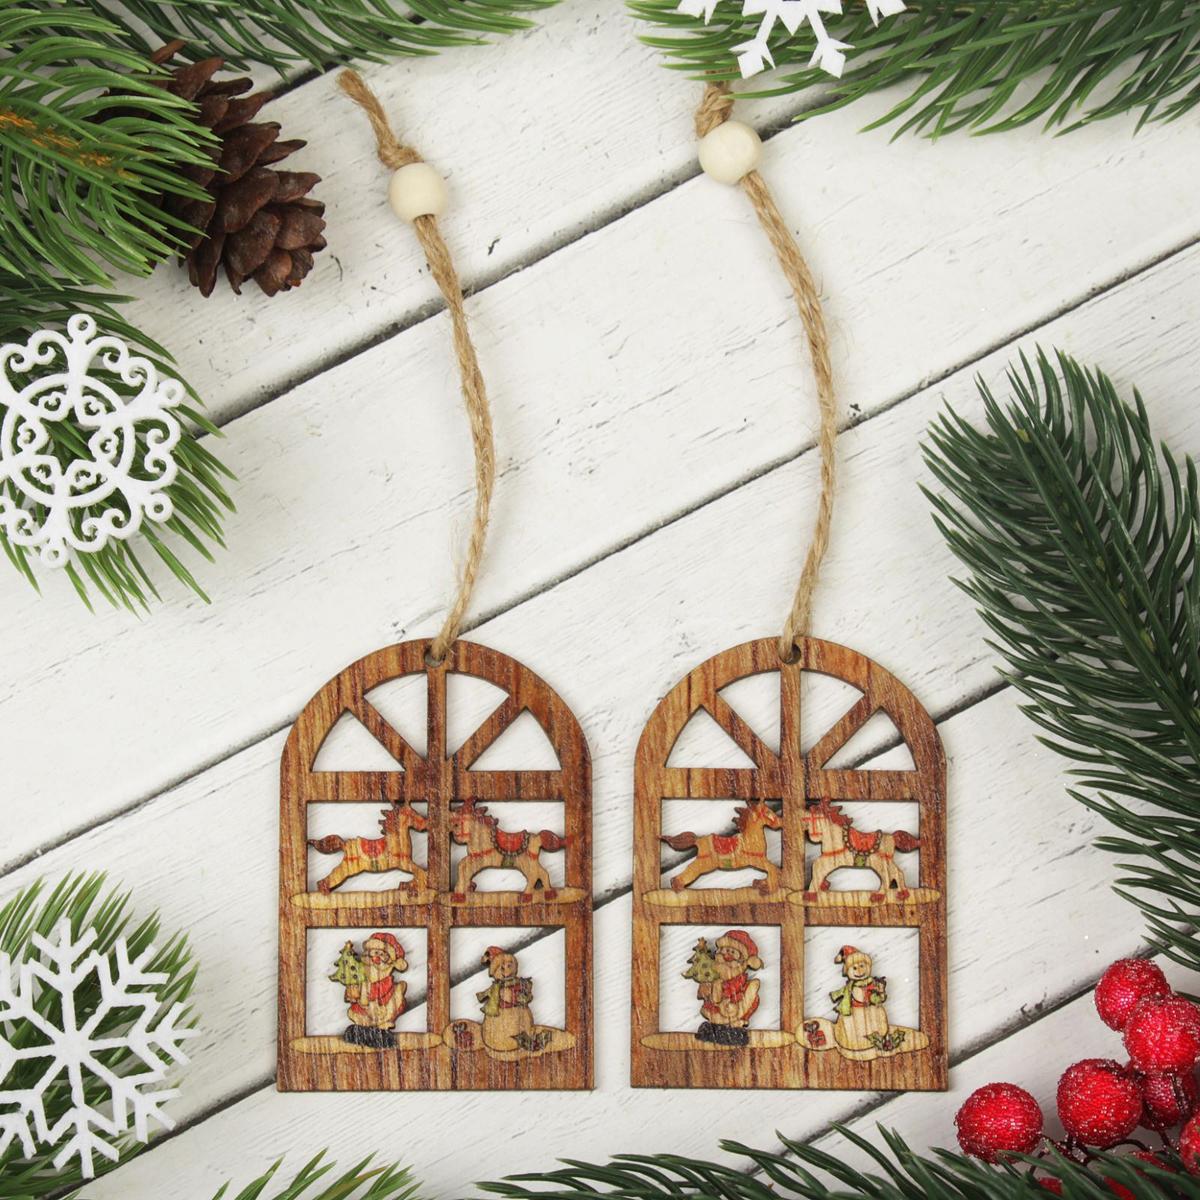 Украшение новогоднее подвесное Новогоднее окно, 2 шт2303262Набор новогодних подвесных украшений, выполненных из дерева, отлично подойдет для декорации вашего дома и новогодней ели. С помощью специальной петельки украшение можно повесить в любом понравившемся вам месте. Но, конечно, удачнее всего оно будет смотреться на праздничной елке.Елочная игрушка - символ Нового года. Она несет в себе волшебство и красоту праздника. Такое украшение создаст в вашем доме атмосферу праздника, веселья и радости.В комплекте 2 украшения.